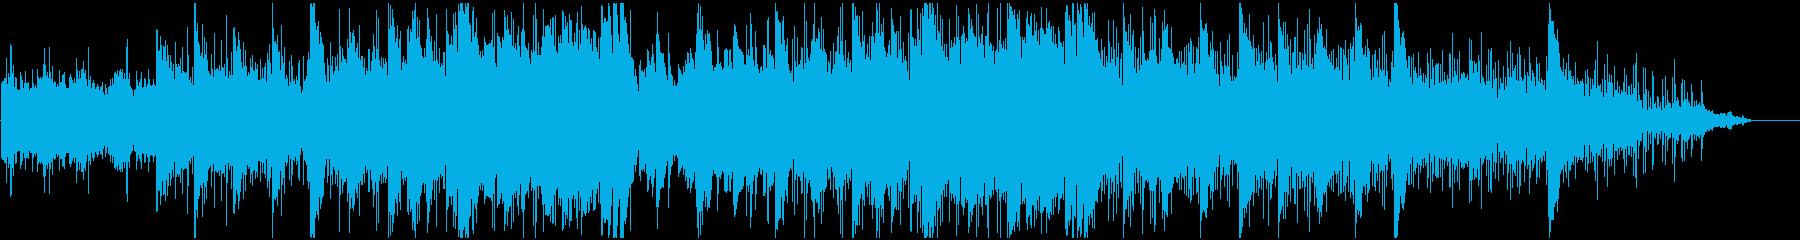 感動ピアノ 企業VP 爽やか 未来 前進の再生済みの波形